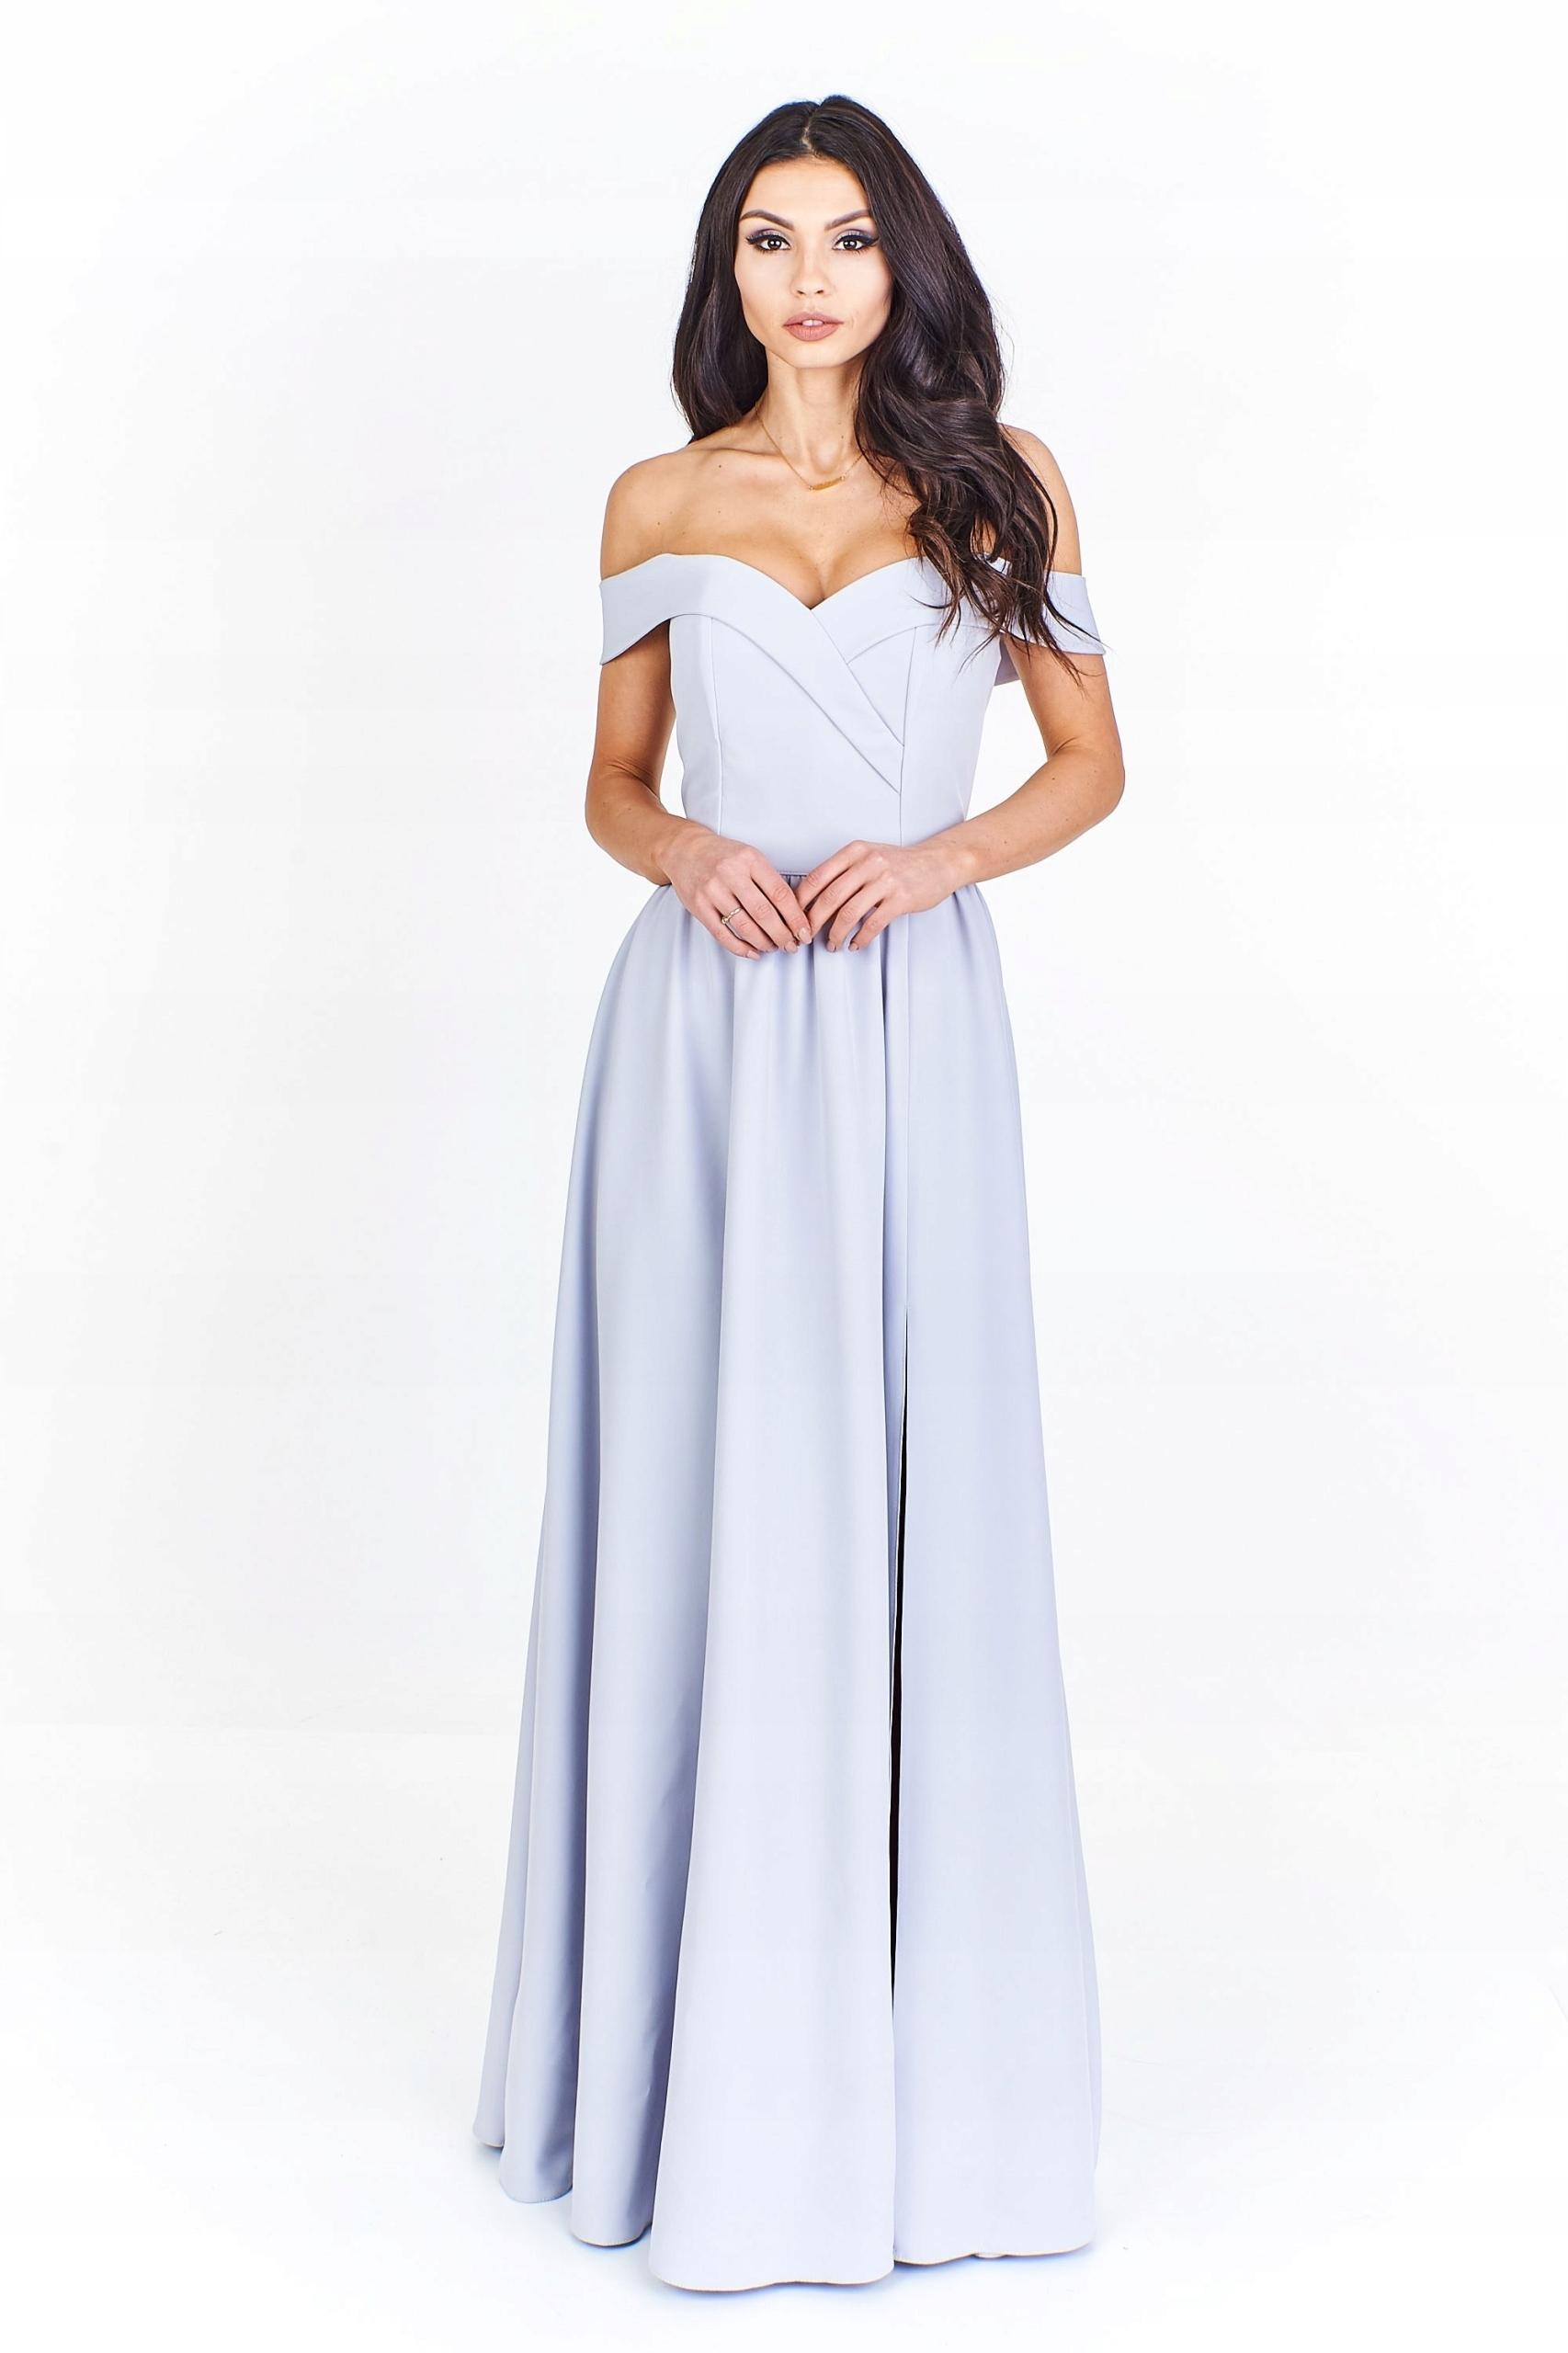 c026c23529 suknia carmen w kategorii Suknie wieczorowe w Oficjalnym Archiwum Allegro -  archiwum ofert